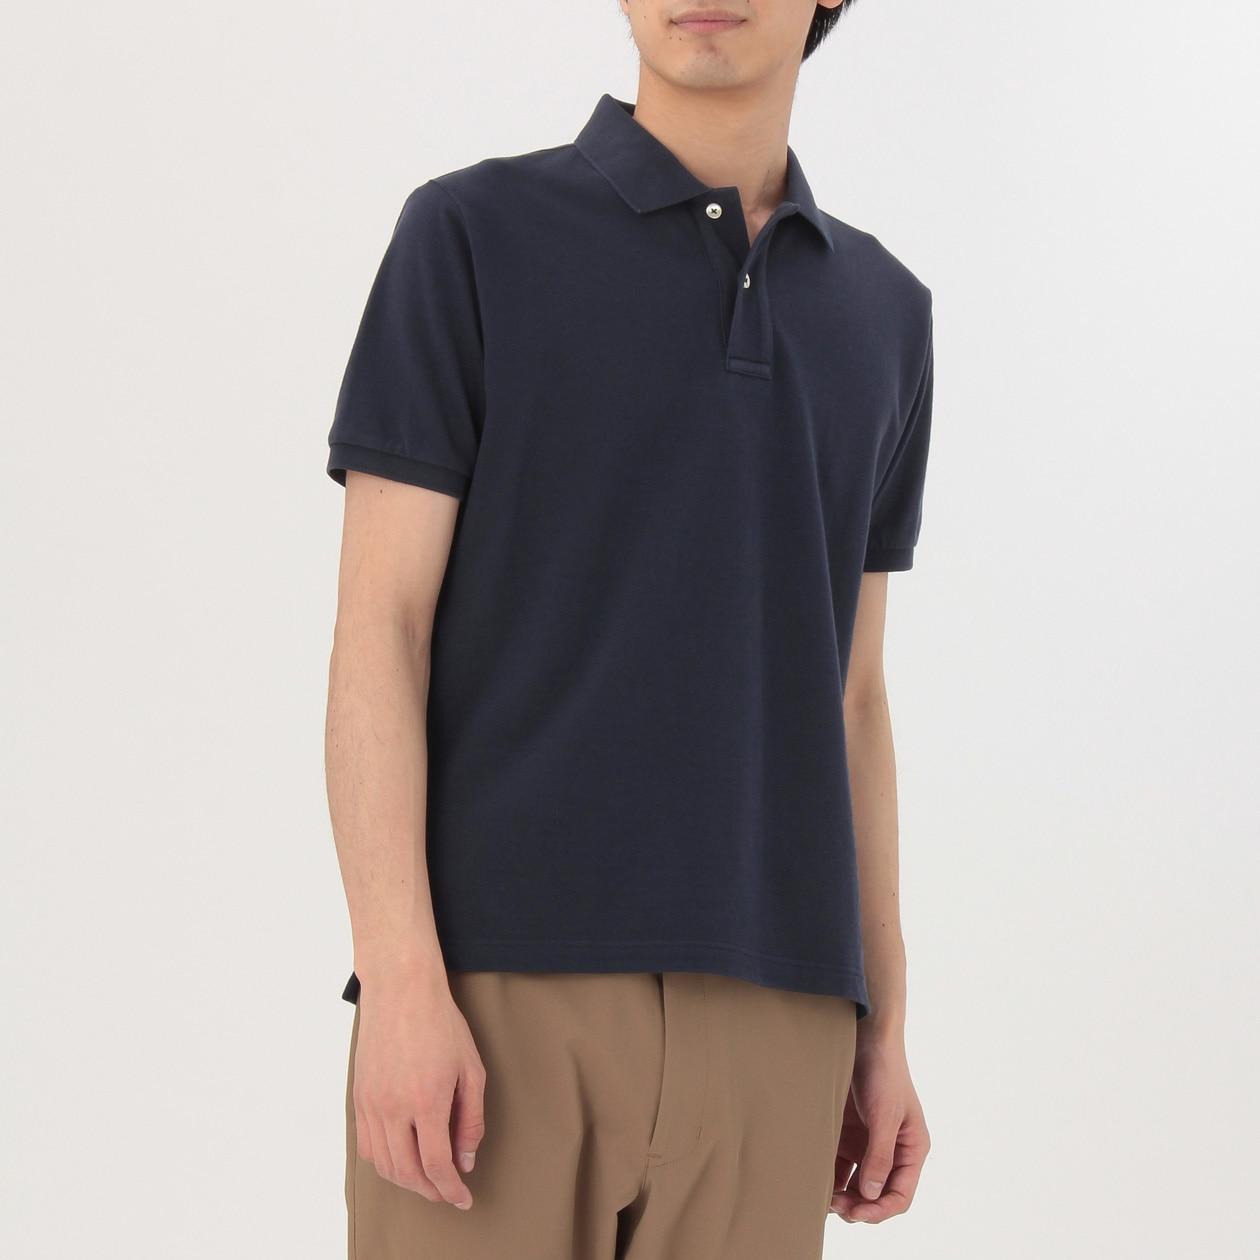 オーガニックコットン鹿の子ポロシャツ